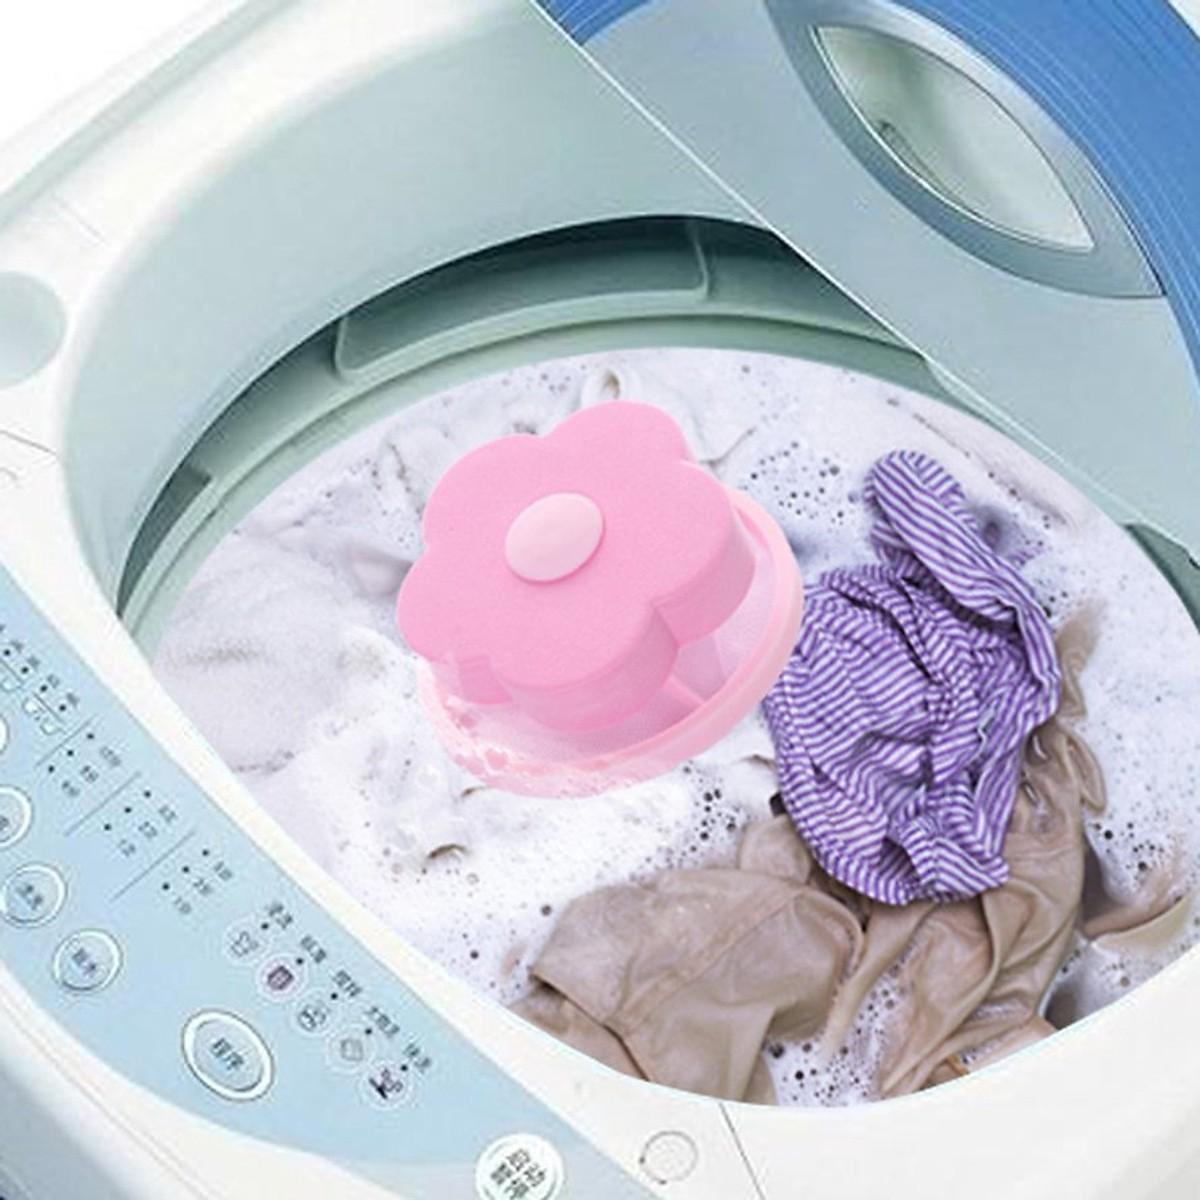 Phao Lọc Cặn Bẩn Máy Giặt, Gom Rác Lồng Máy Giặt Thông Minh